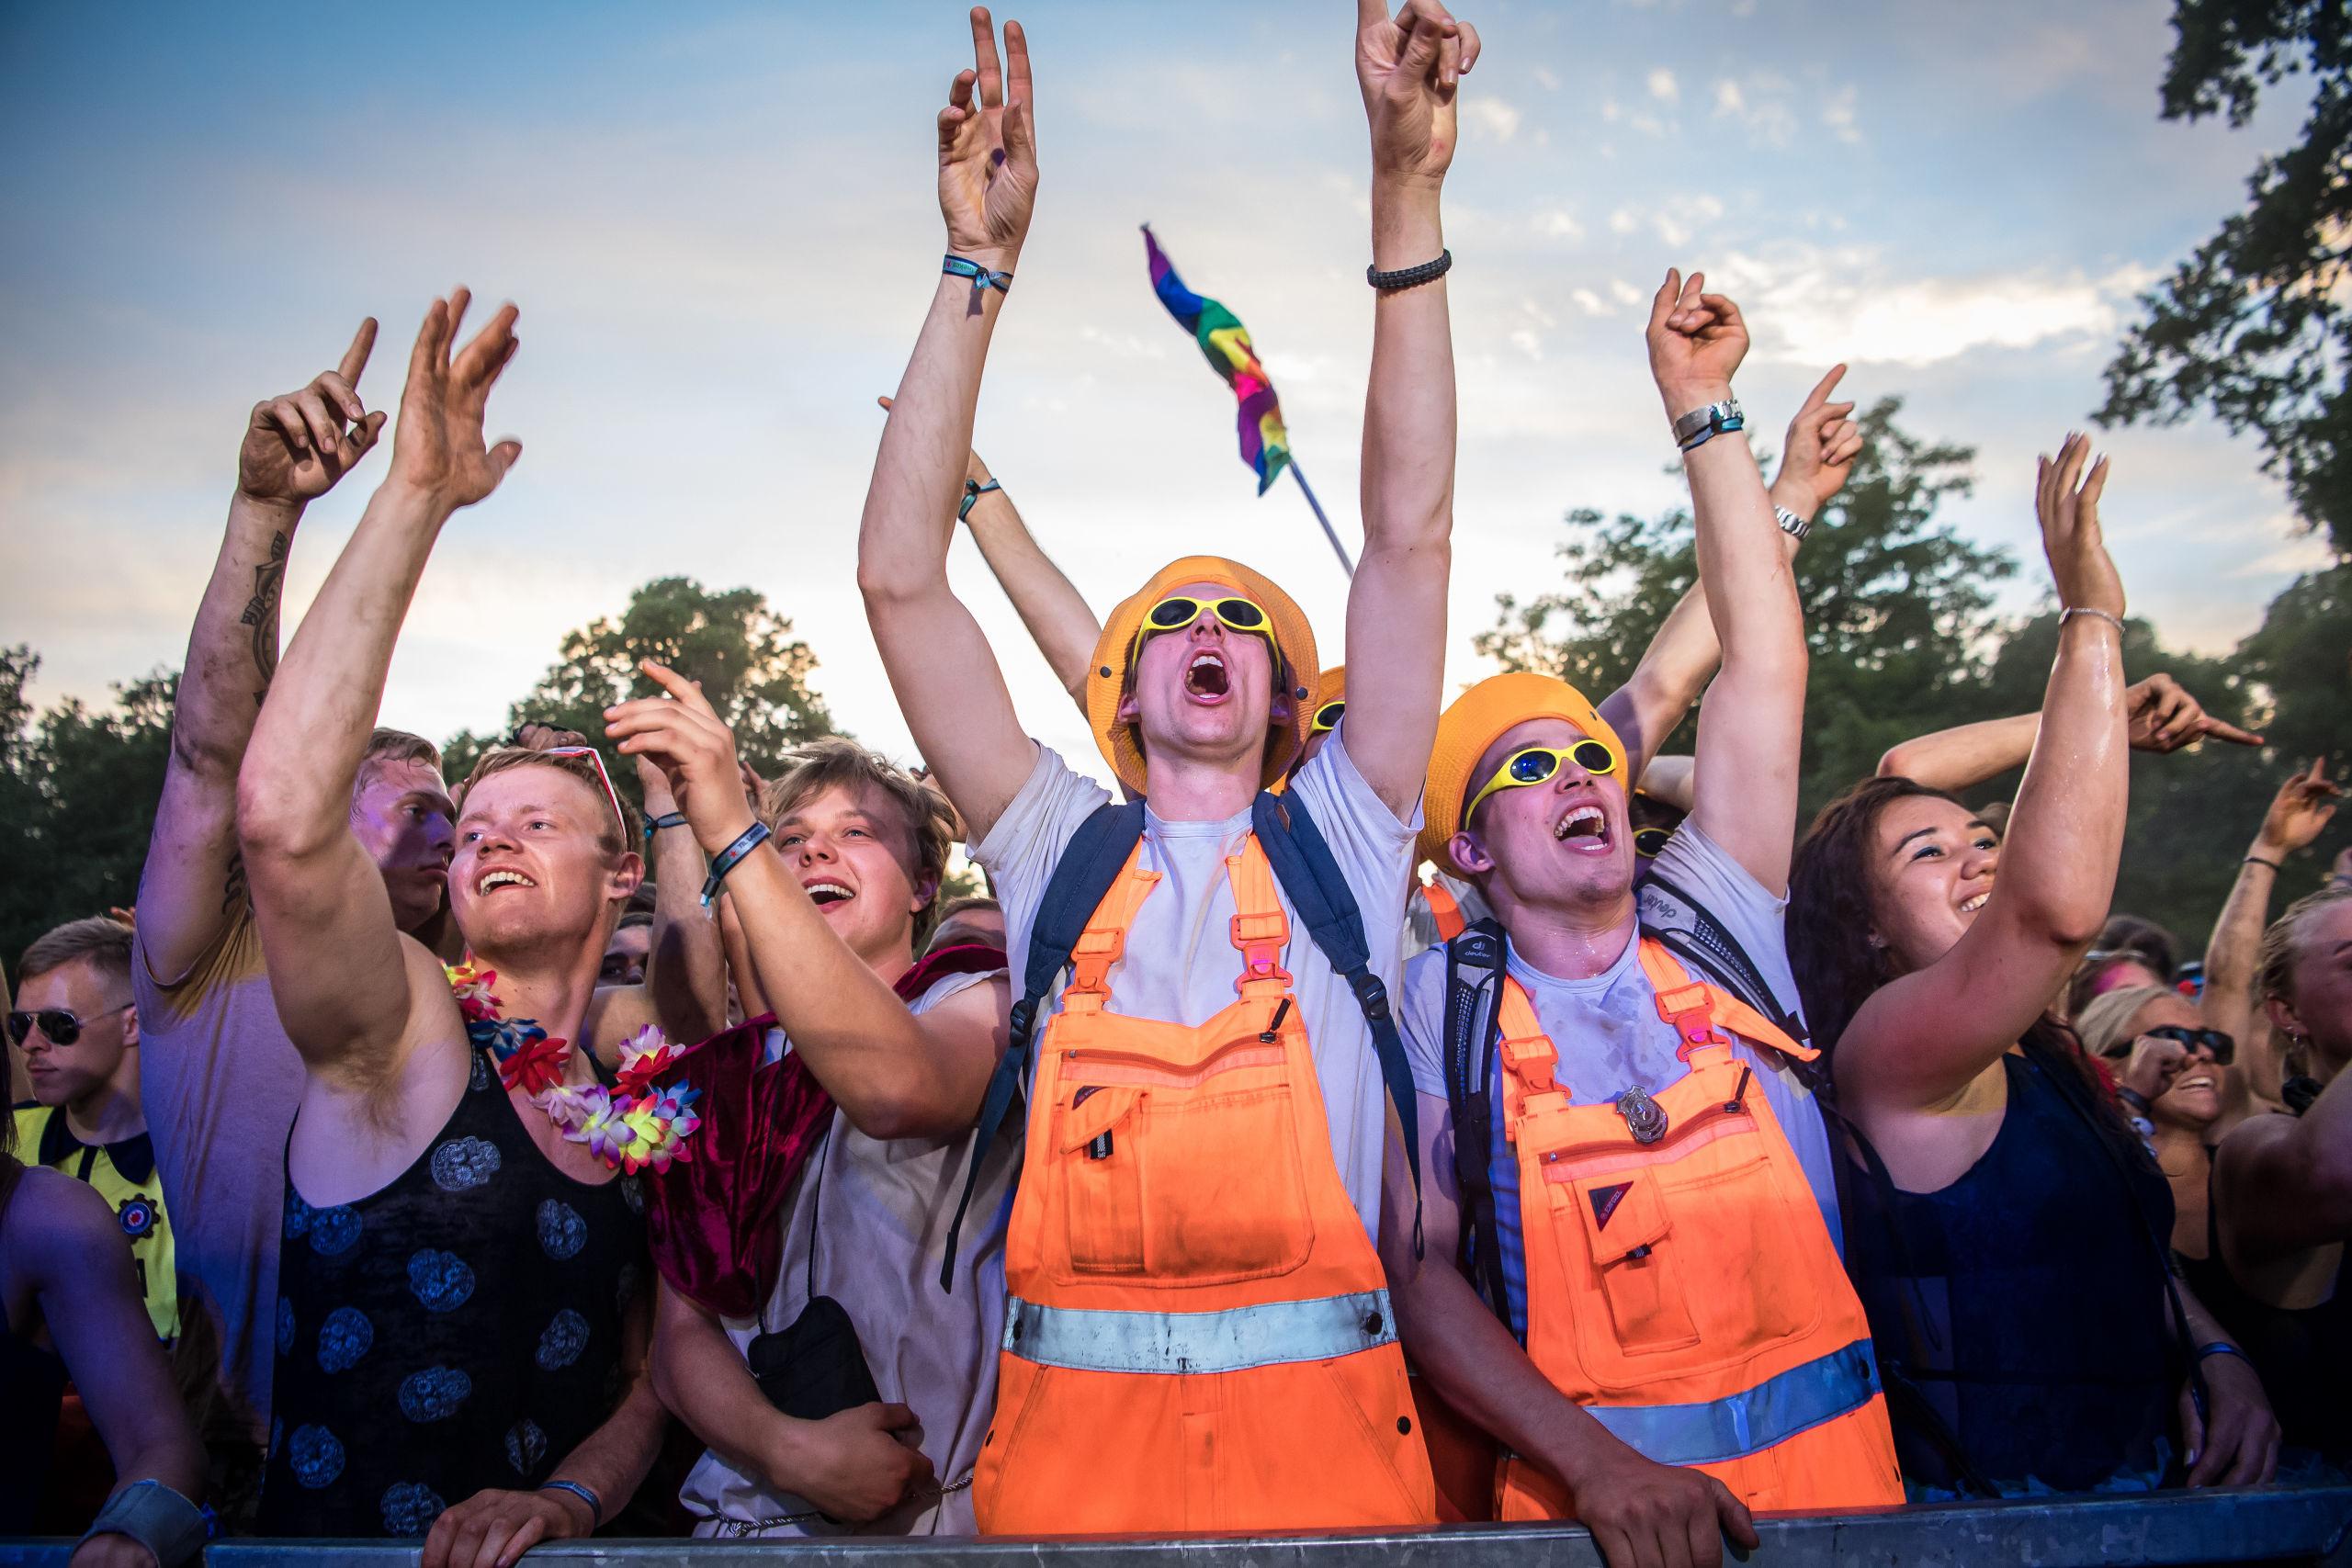 Du kan godt finde danseskoene frem til årets karneval - Aalborg Karneval har booket et kæmpe navn. Arkivfoto: Martin Damgård